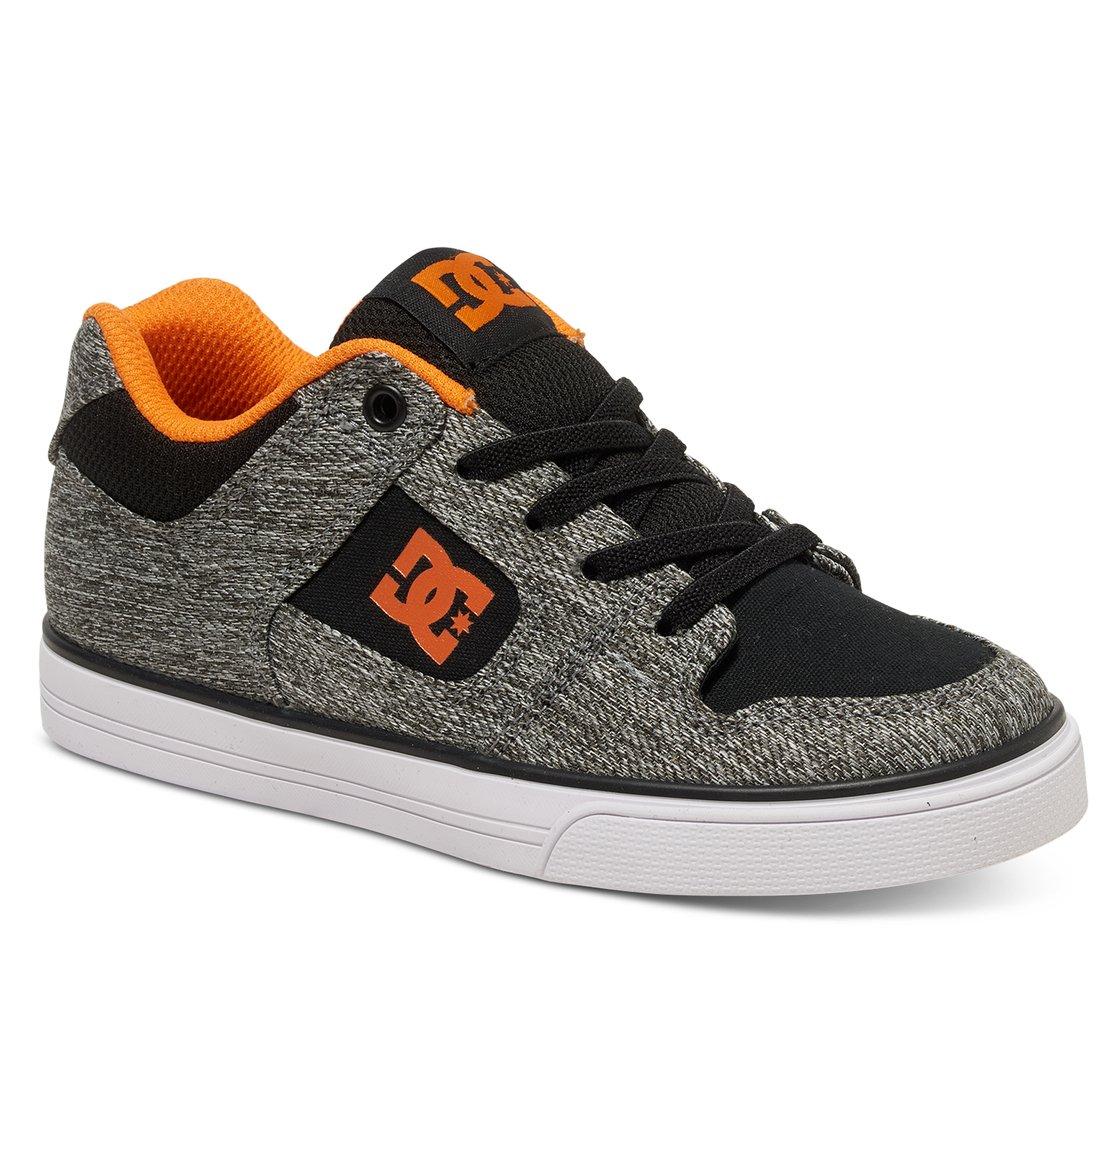 Zapatos negros New Balance para hombre talla 40